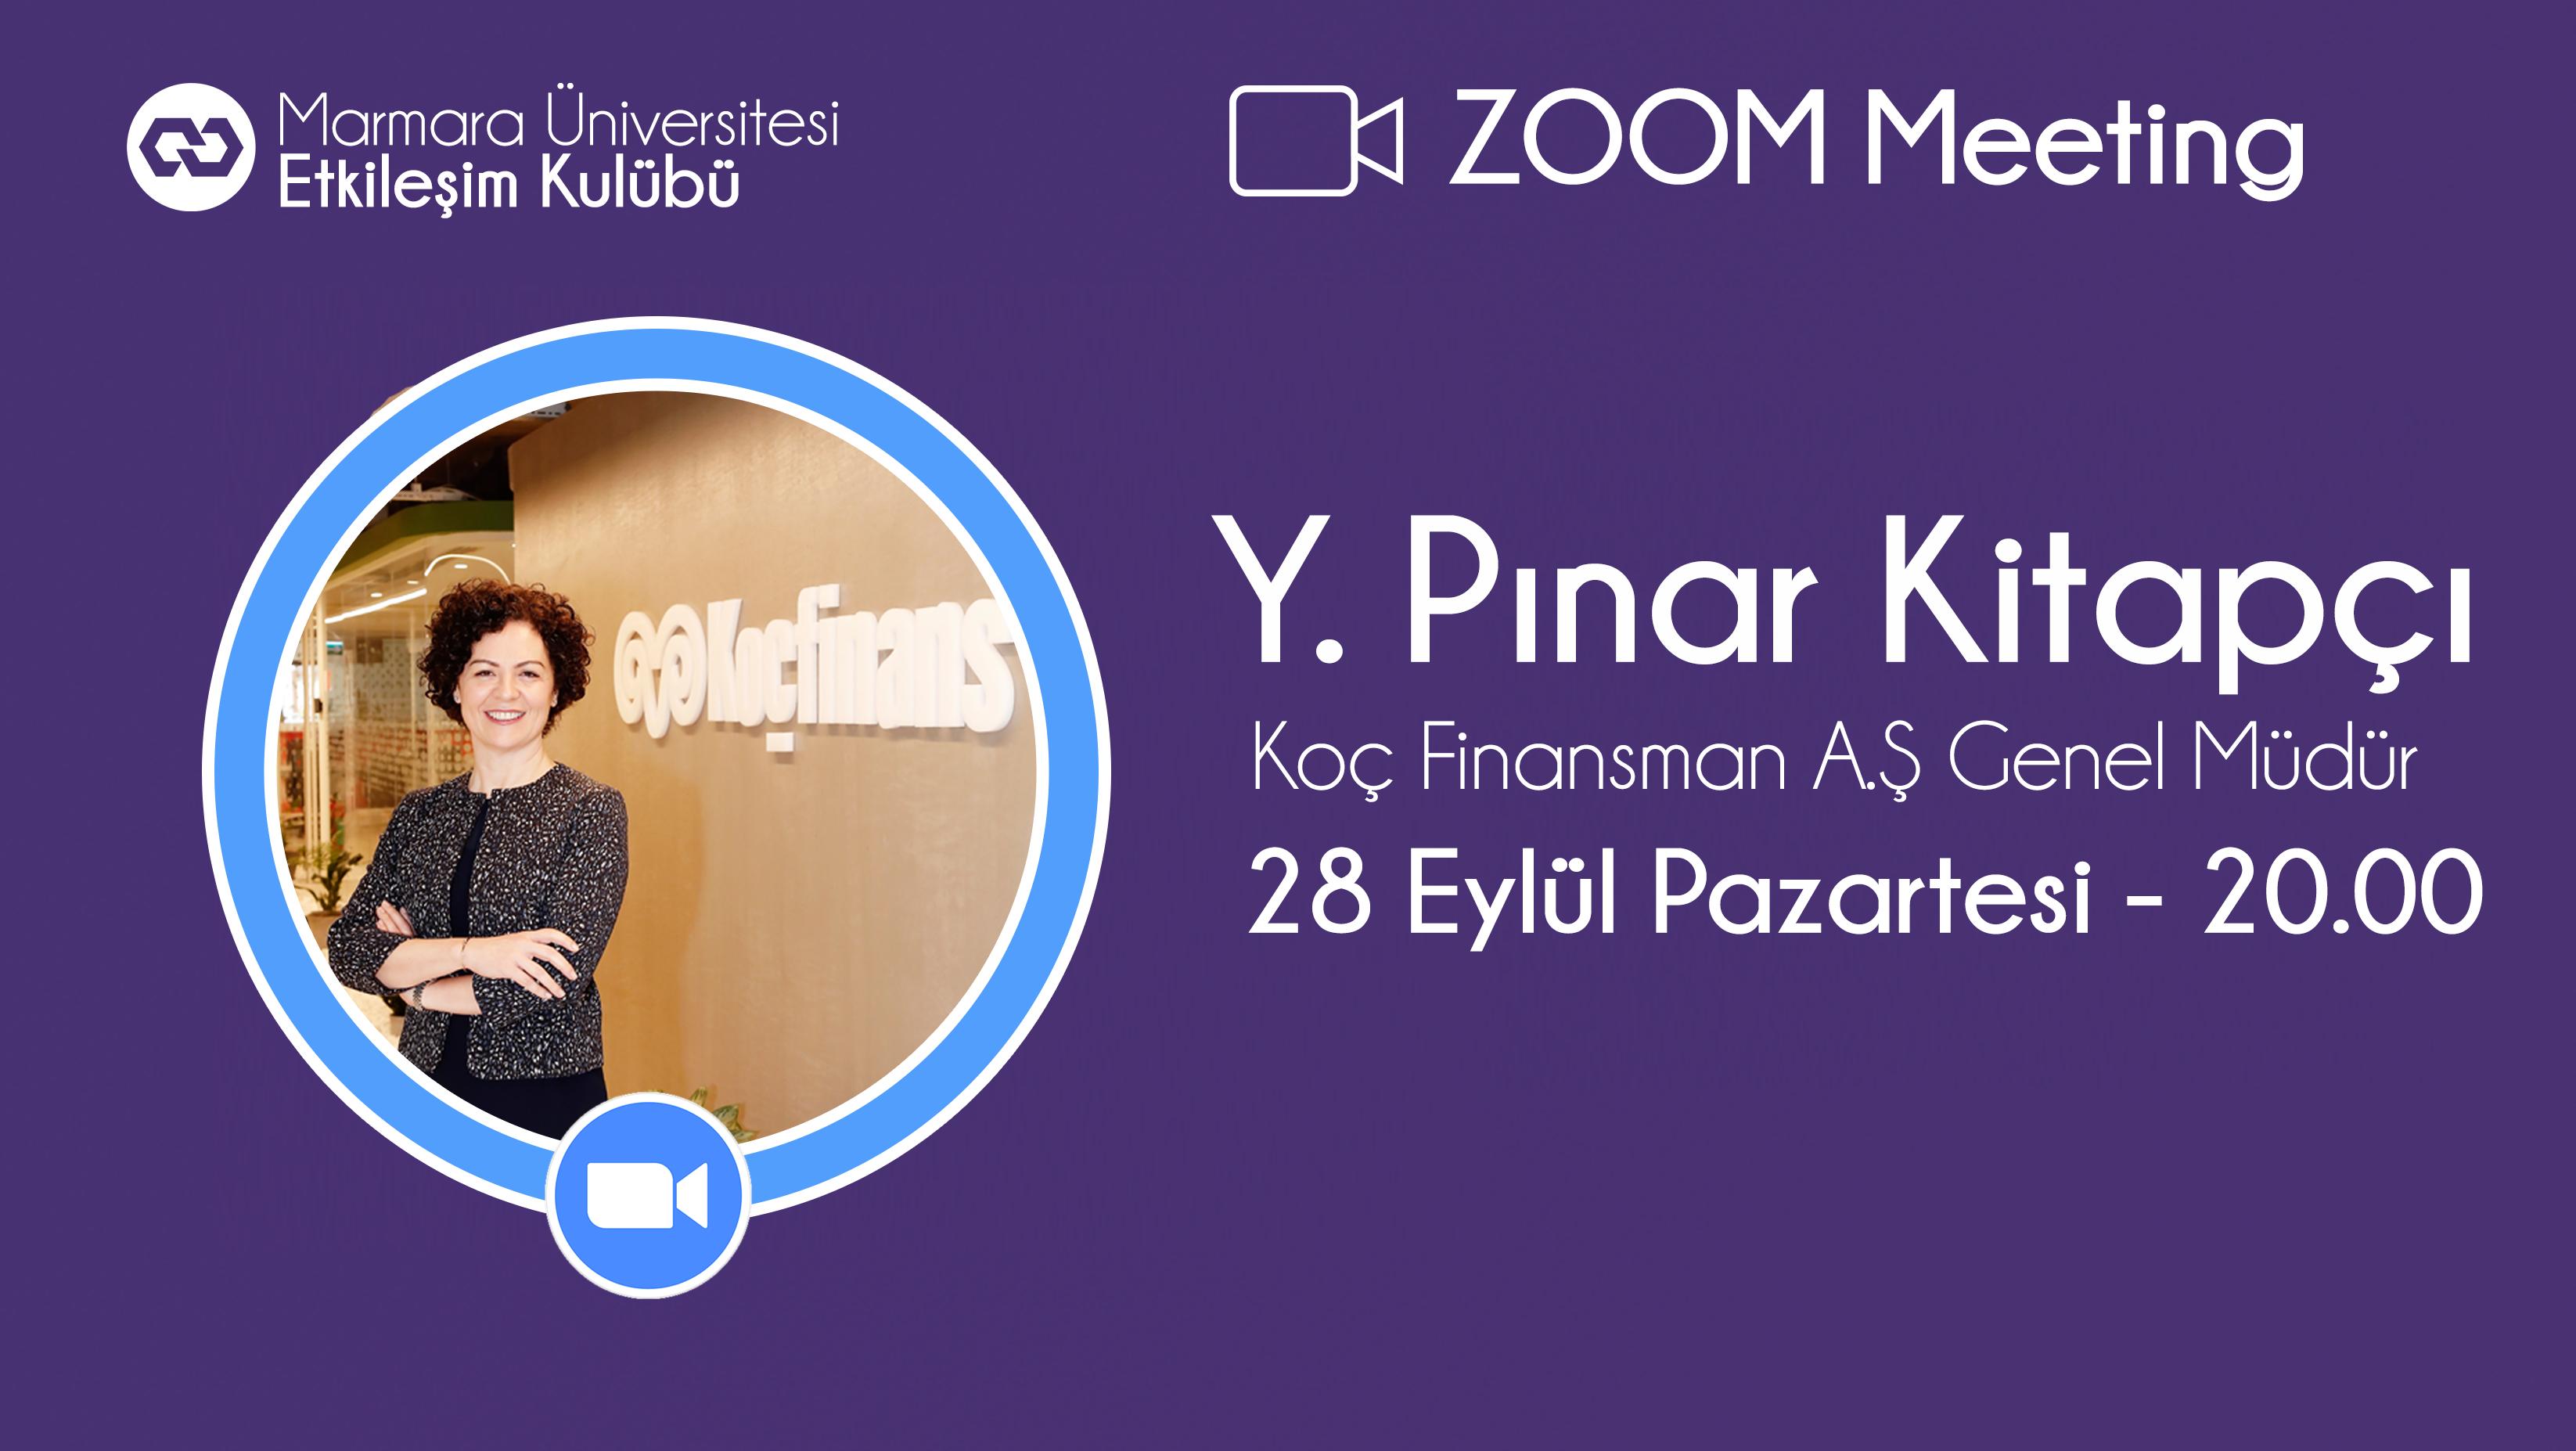 Öğrenci Kariyeri - En popüler - Marmara Üniversitesi Etkileşim Kulübünün Bu Haftaki Canlı Yayın Konuğu Yeşim Pınar Kitapçı